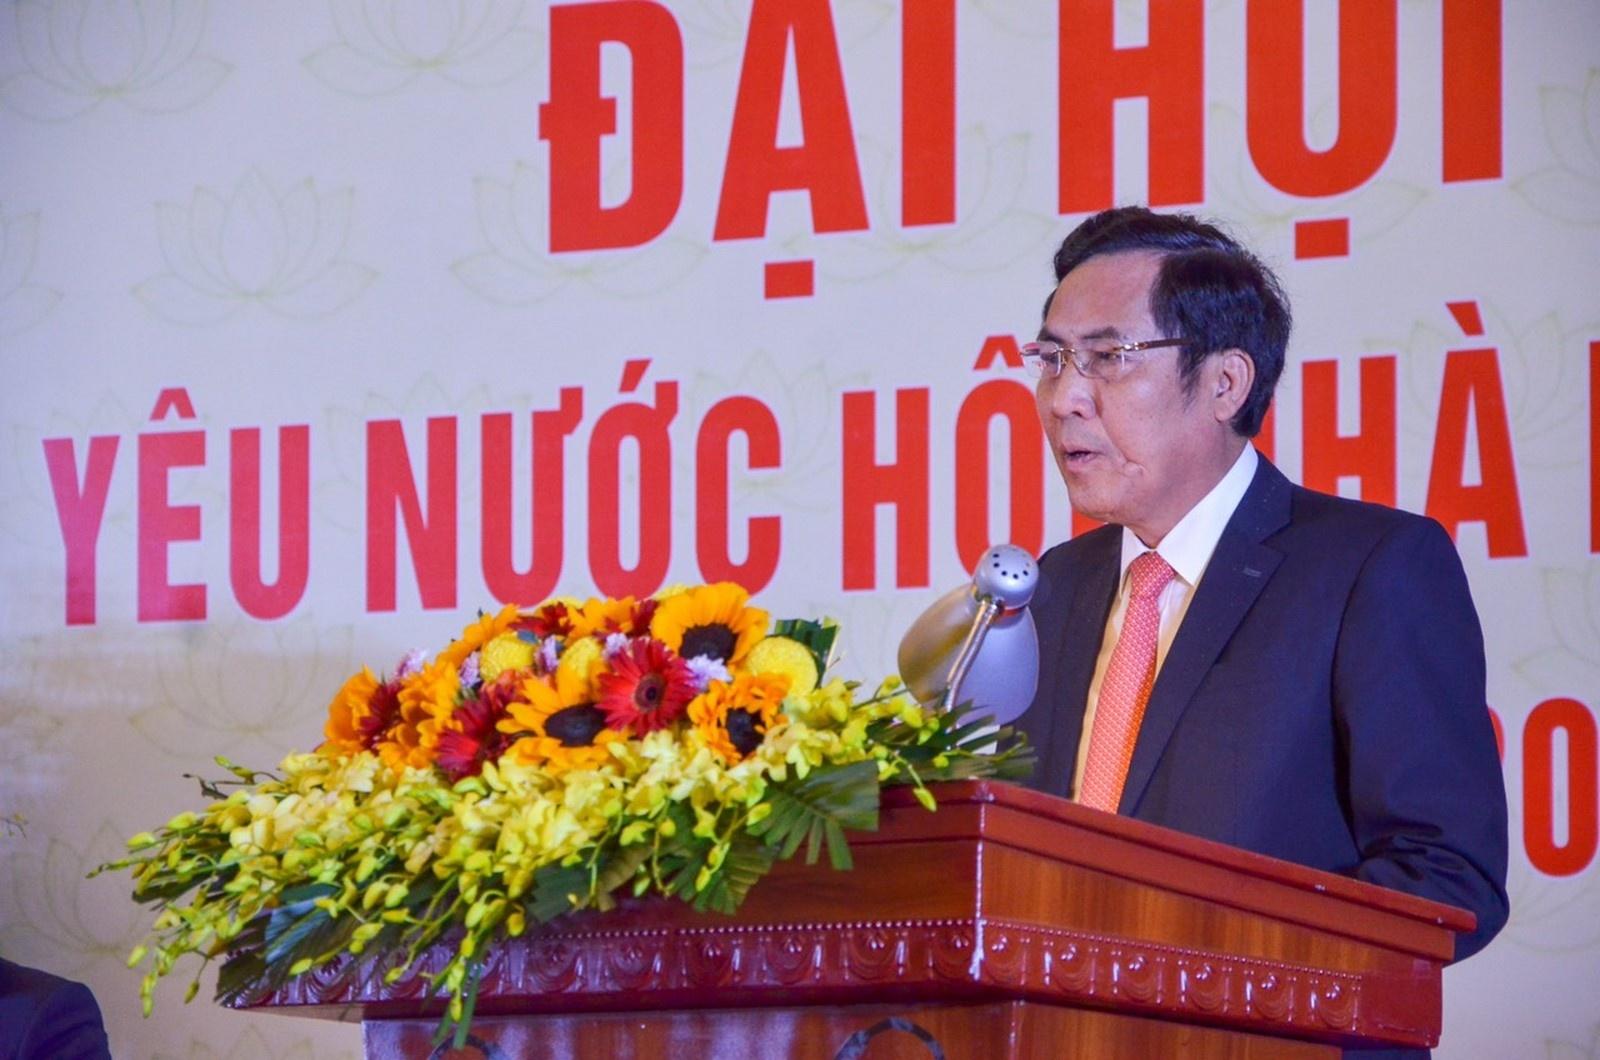 nguoi lam bao neu cao tinh than dan than san sang cong hien